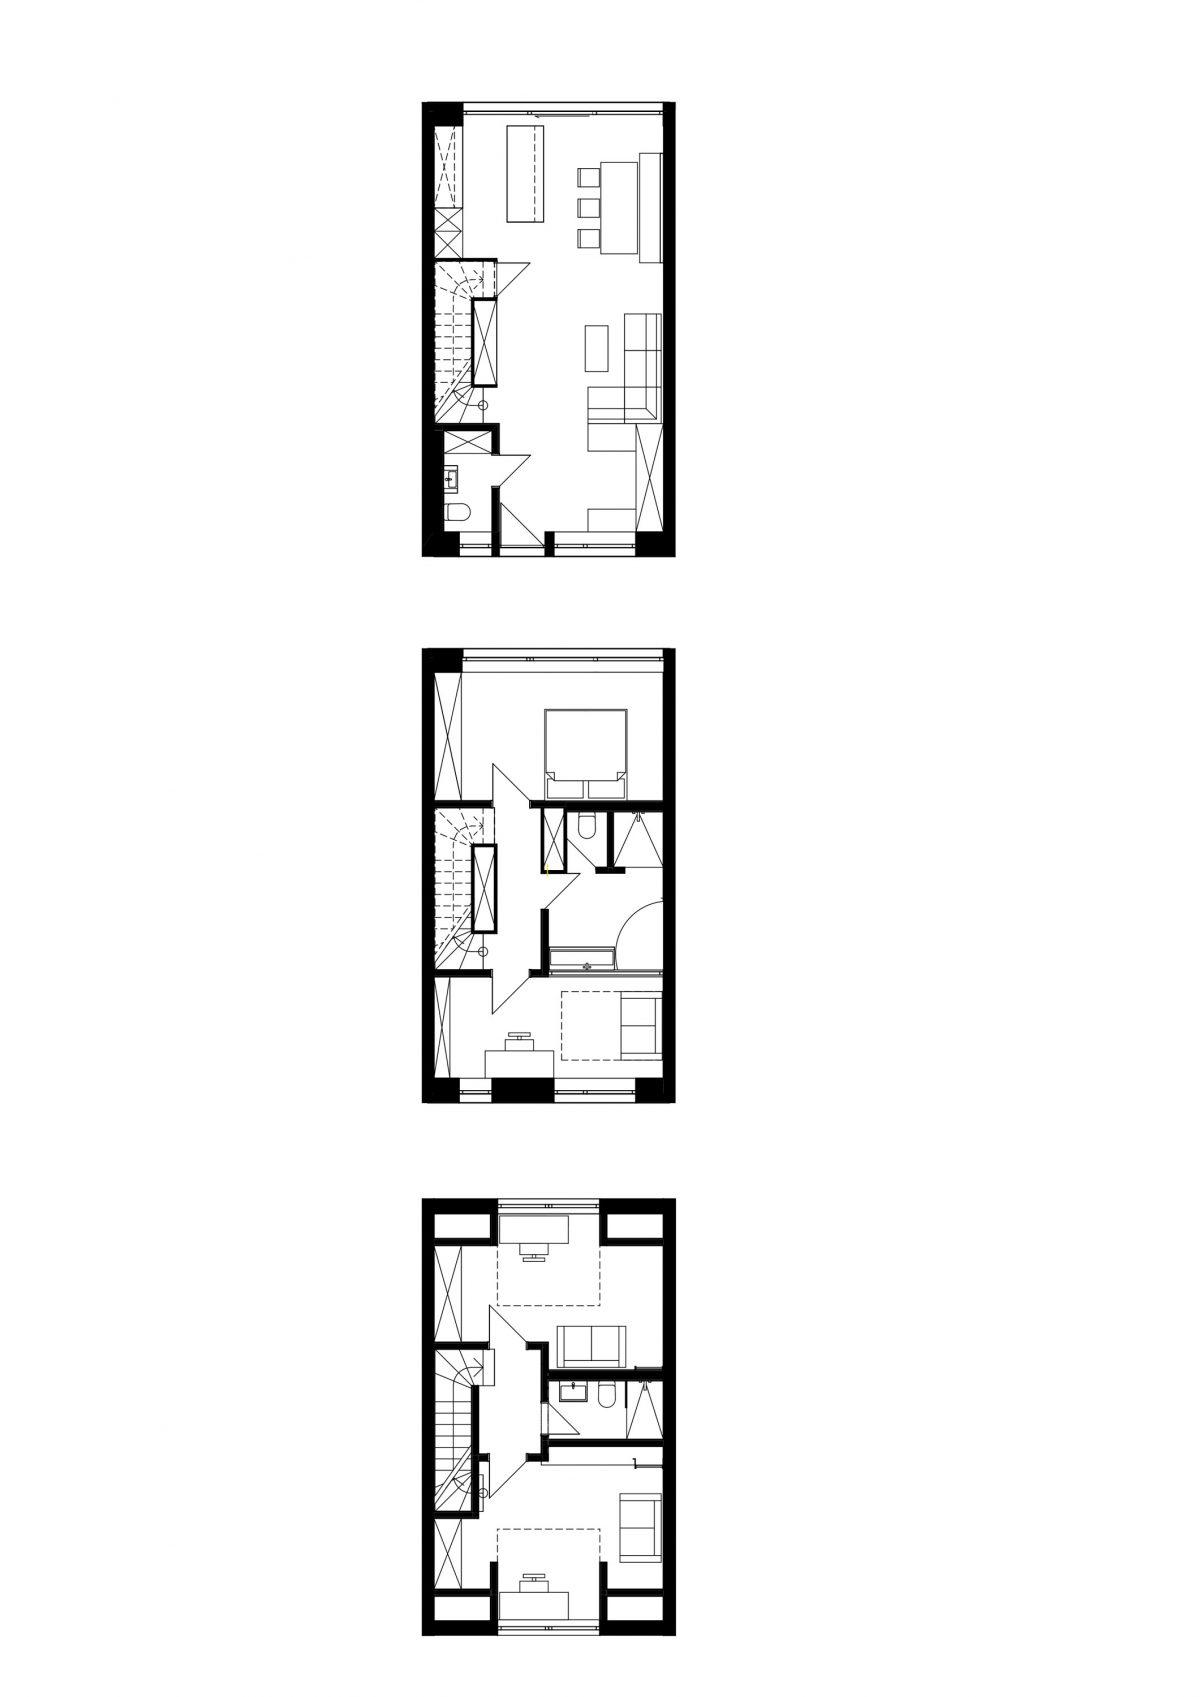 Der durchgesteckte Reihenhaus-Grundriss des Erd-, Ober- und Dachgeschosses des umgebauten Hauses